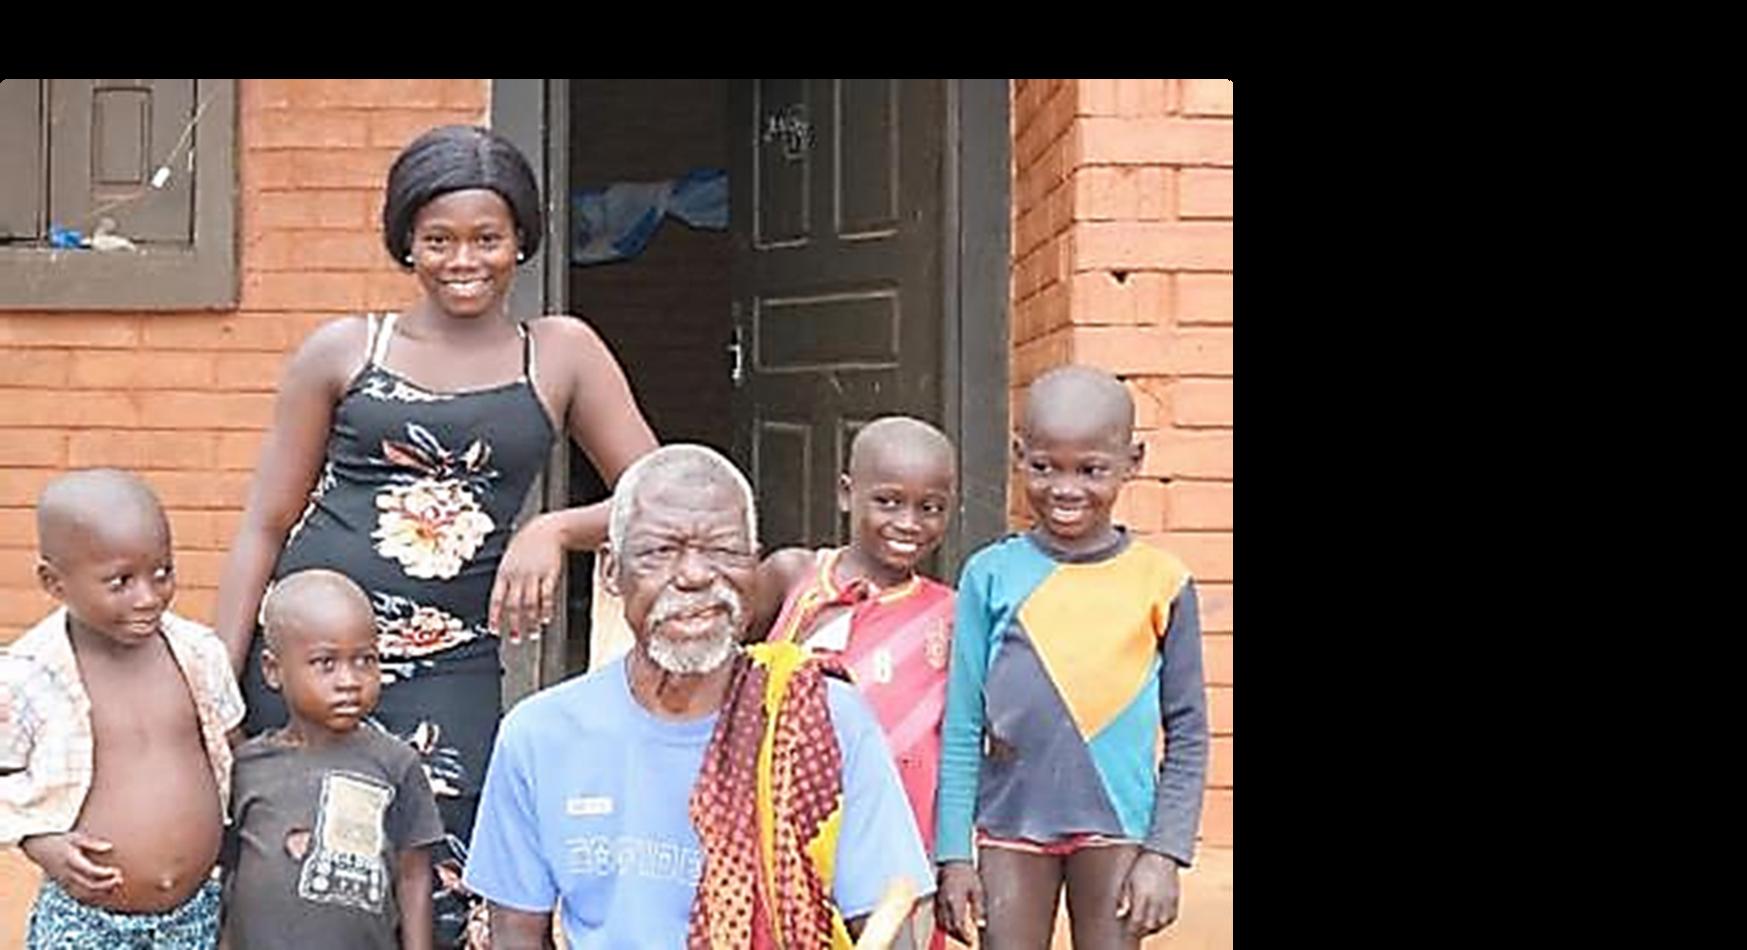 Cote d'Ivoire orphans2.png